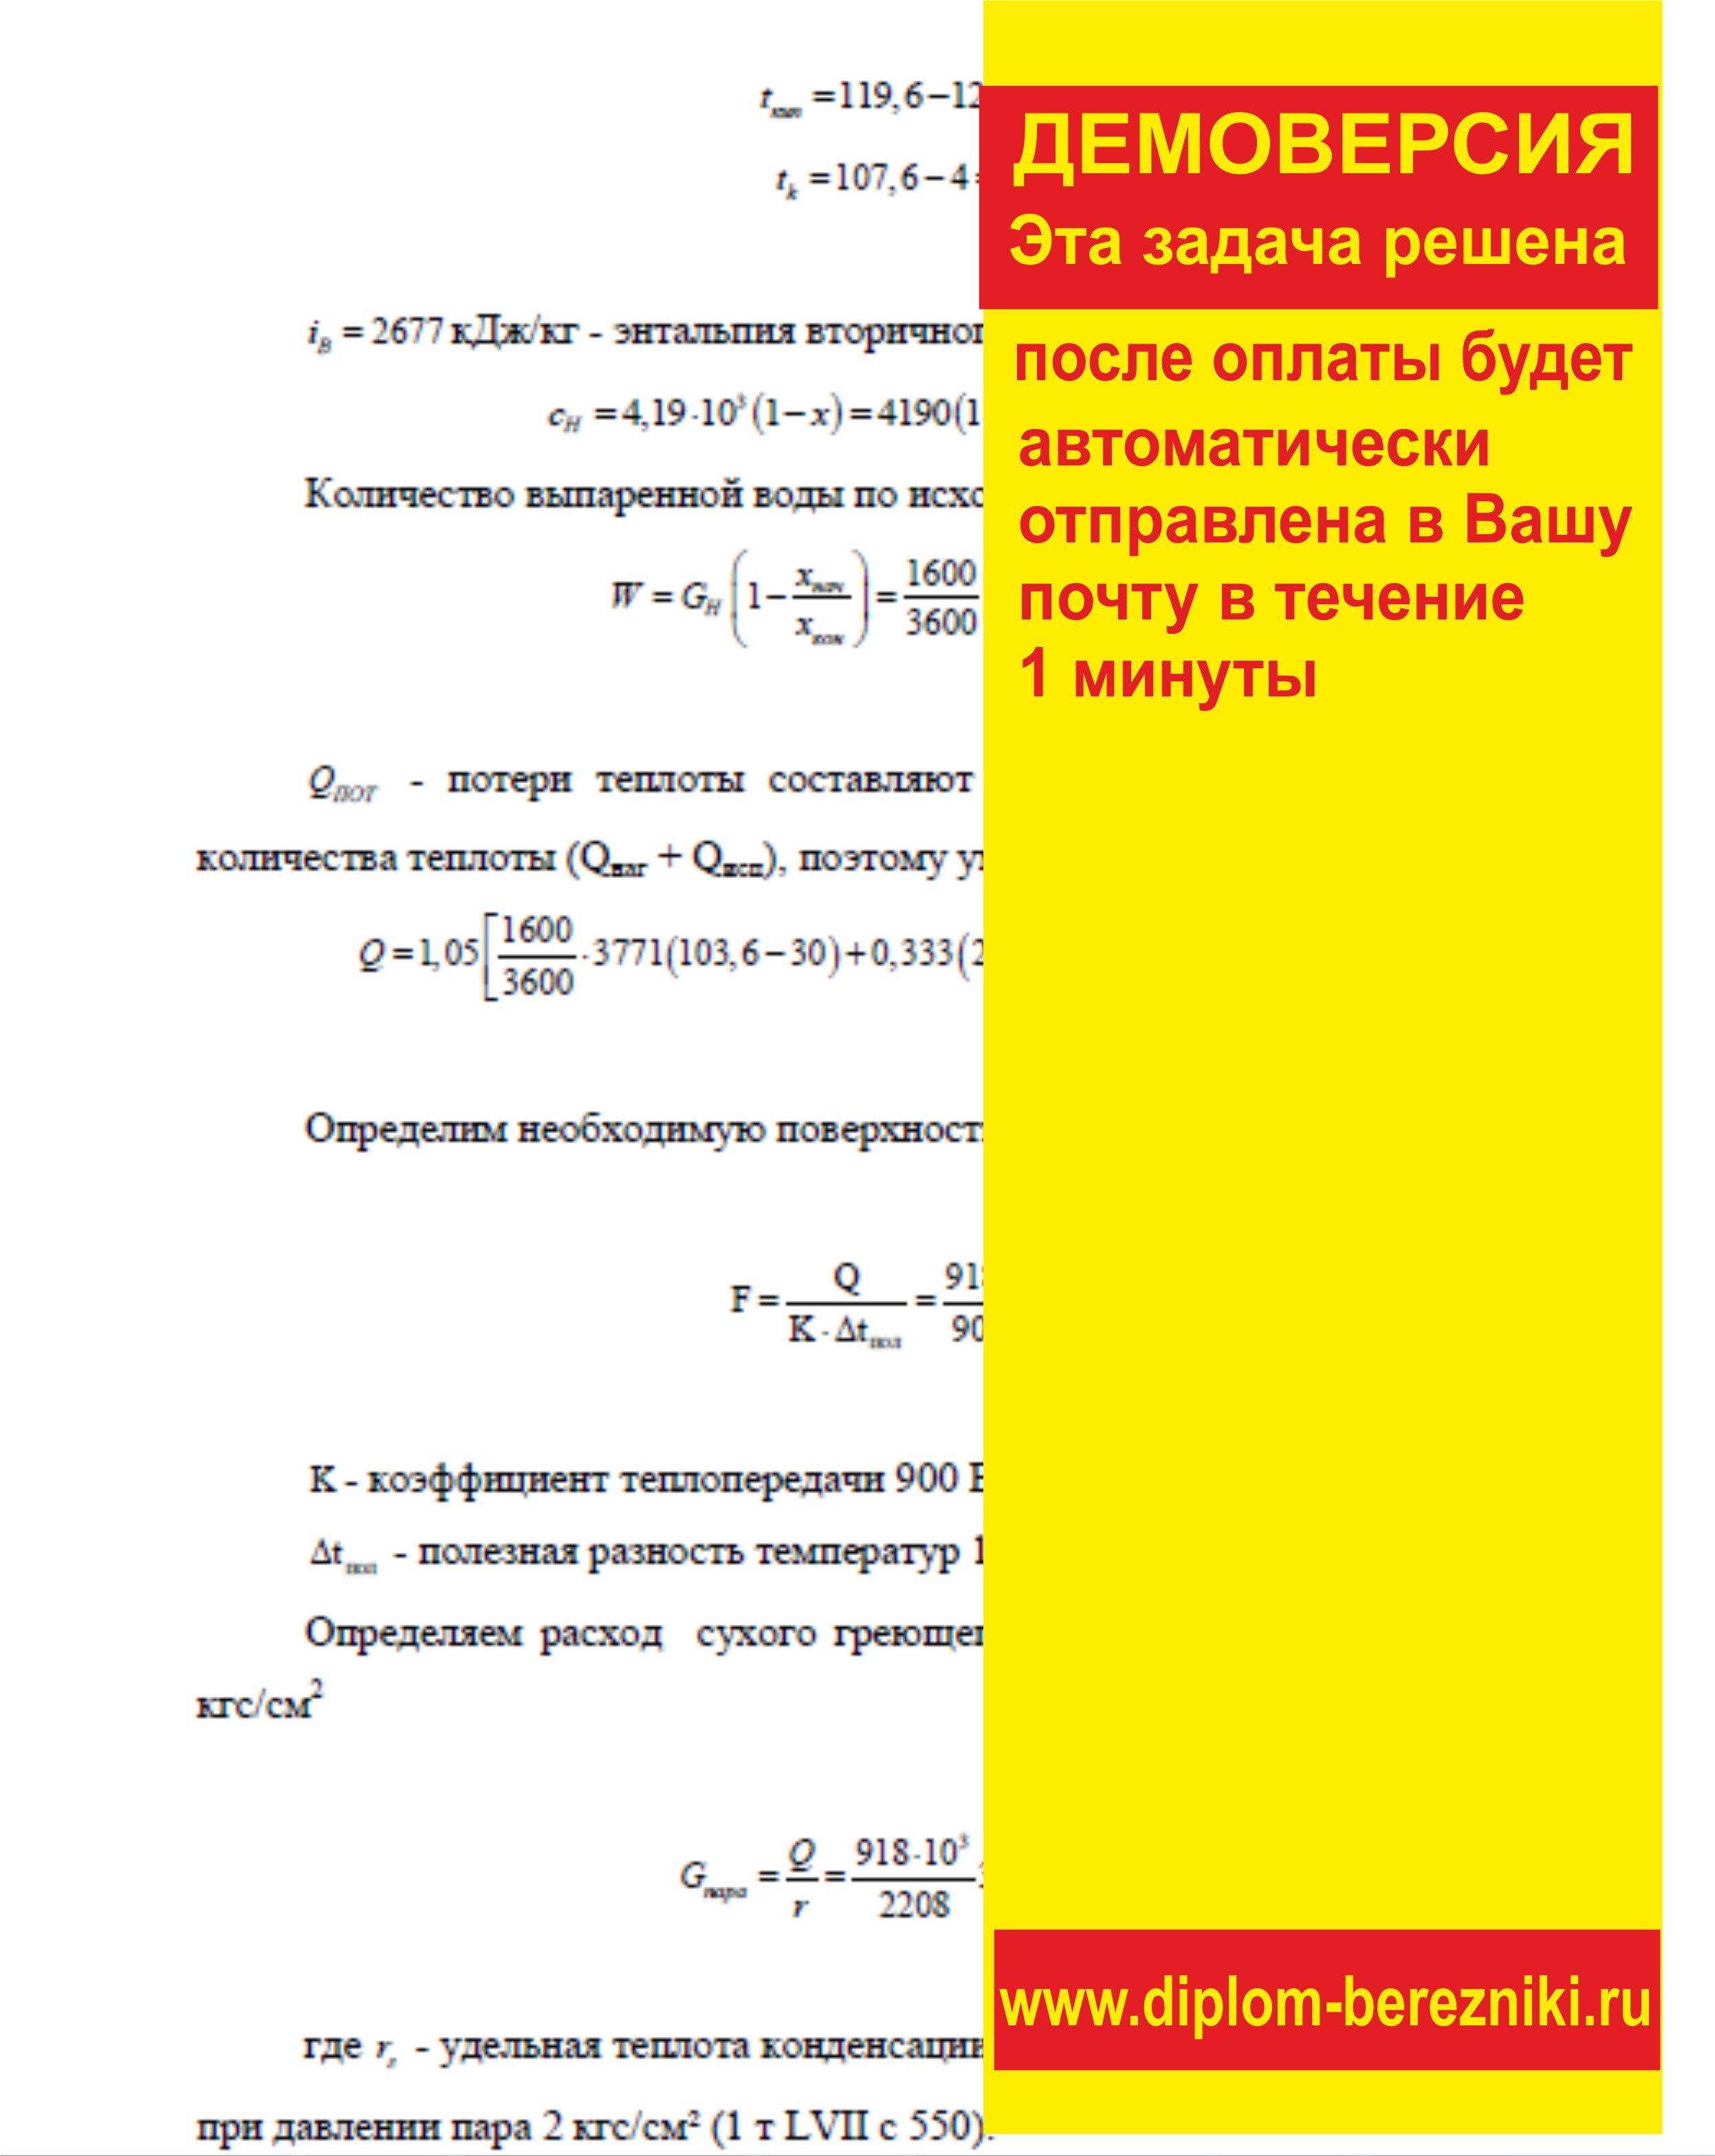 Решение задачи 5.24 по ПАХТ из задачника Павлова Романкова Носкова